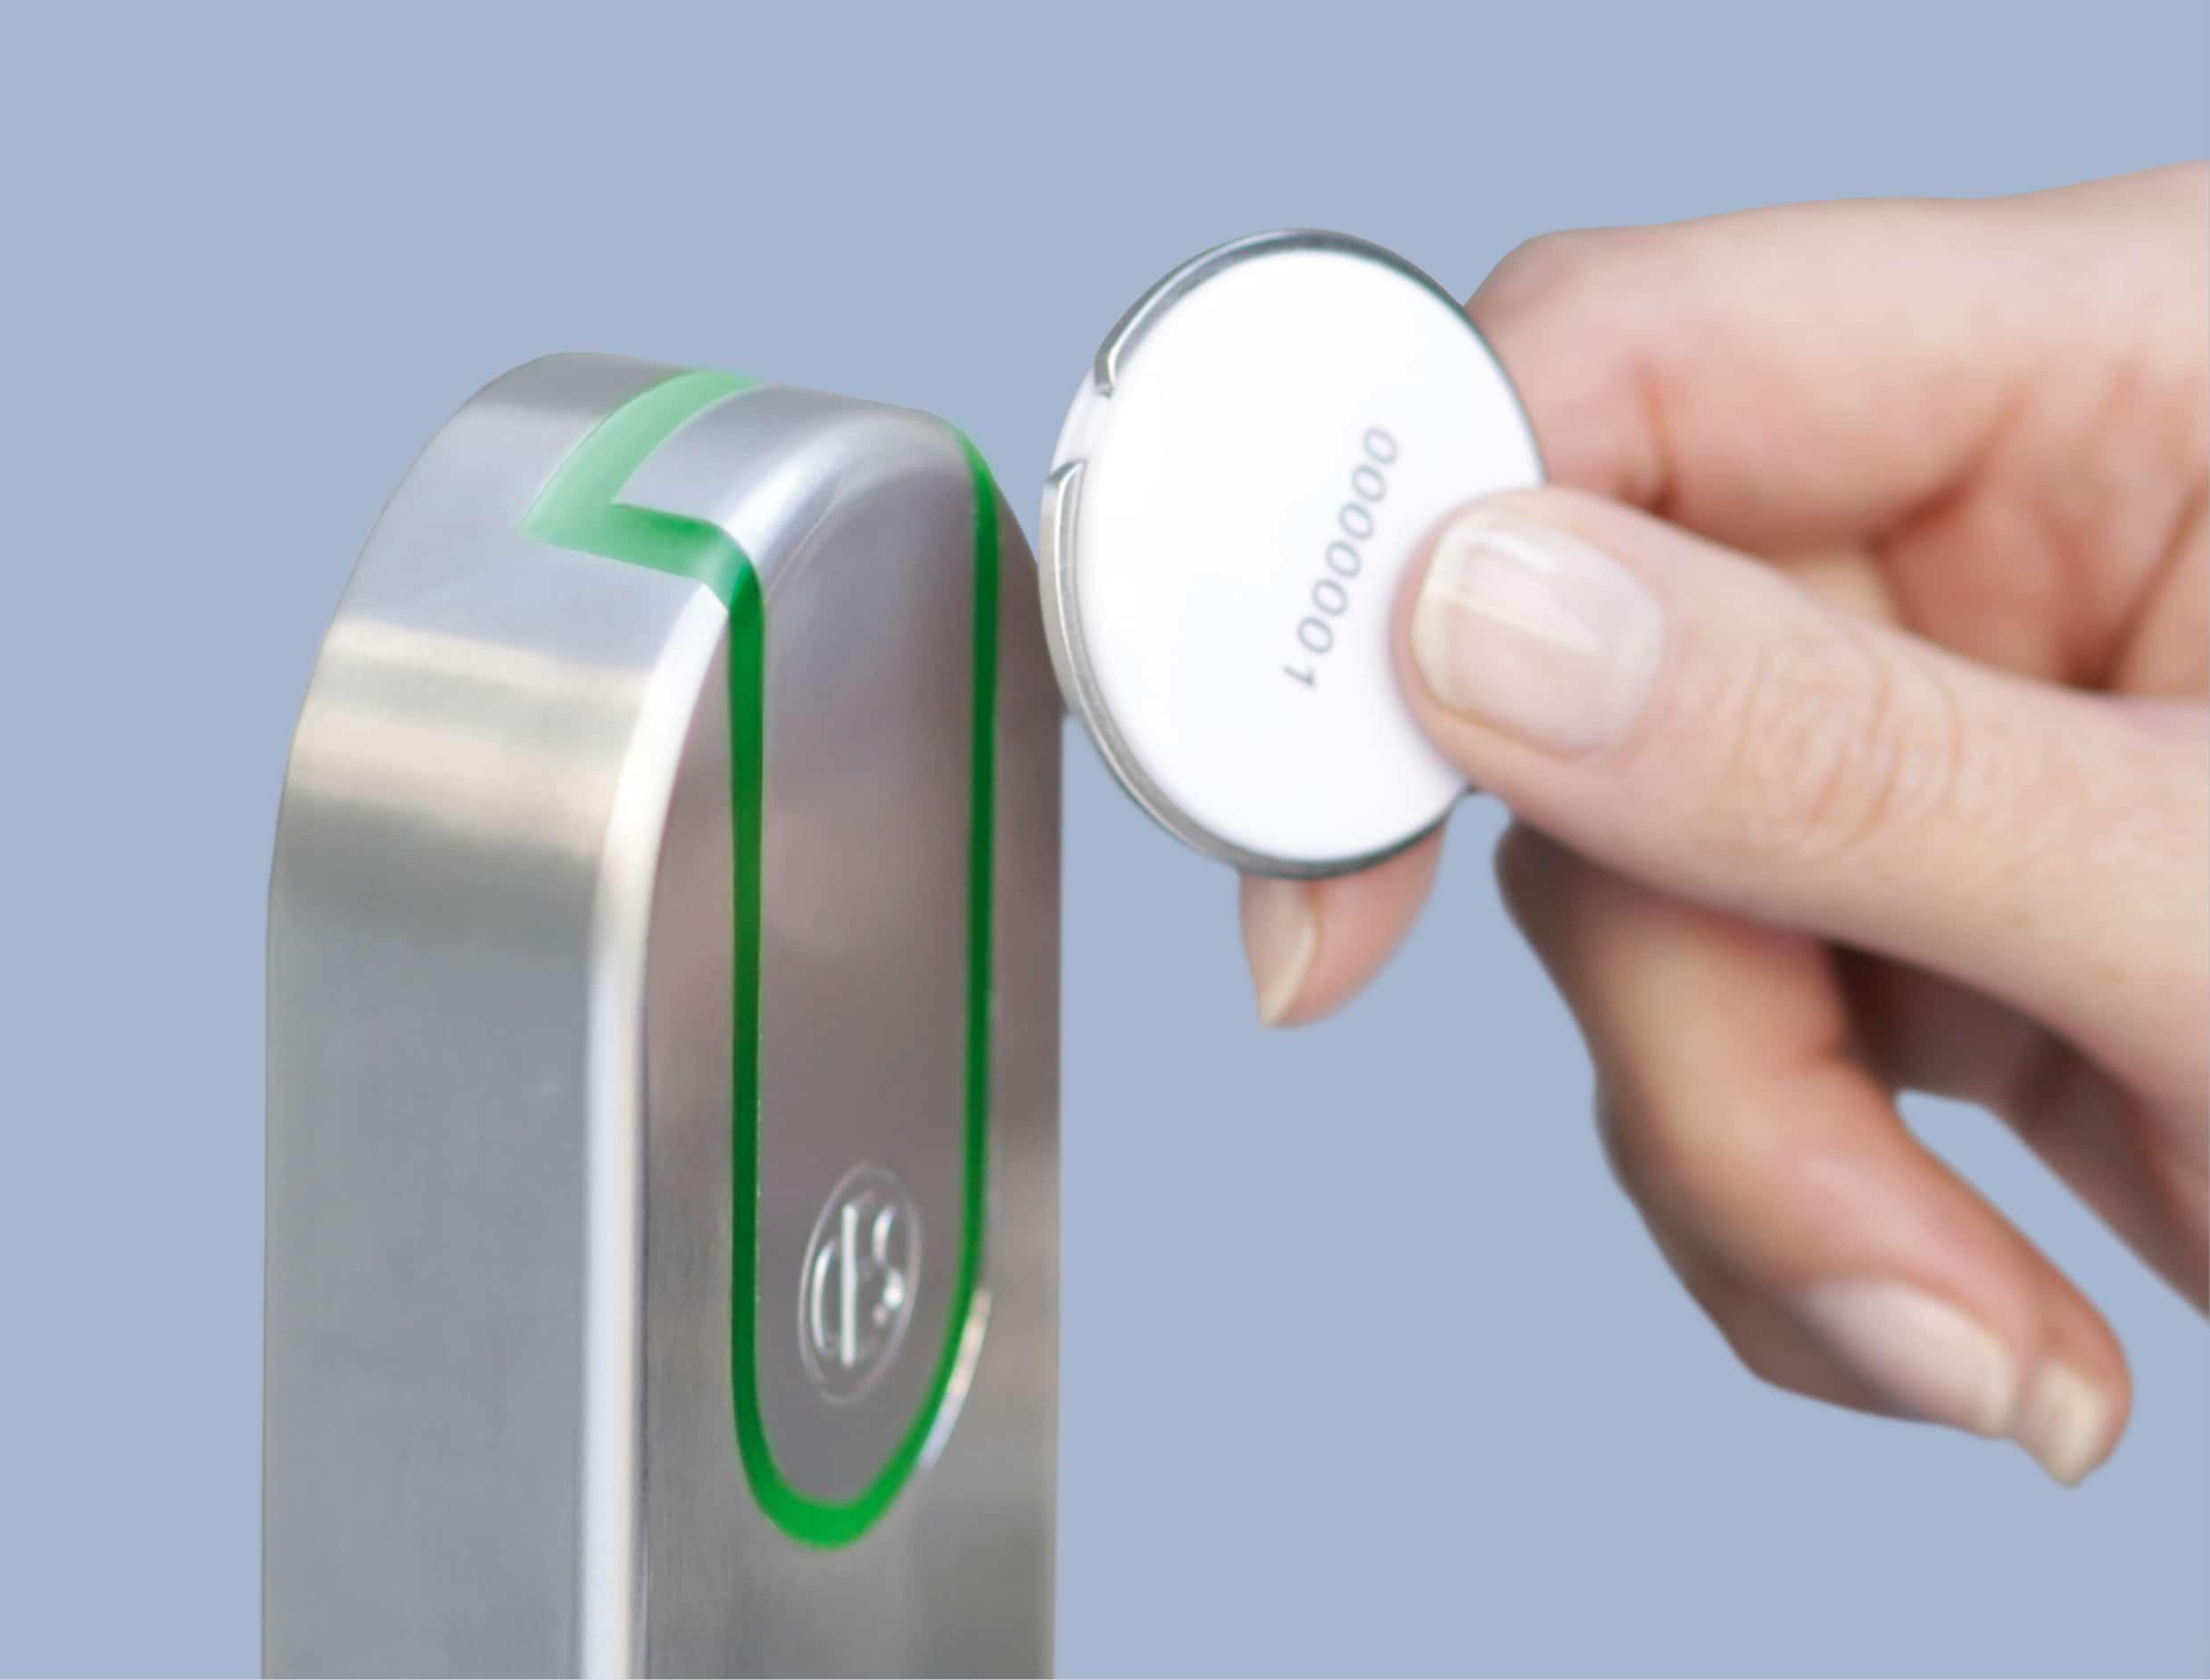 toegangsbeheer-ontgrendelen met tag of pas- slim deurslot-elektrisch deurslot-smartlock-ces